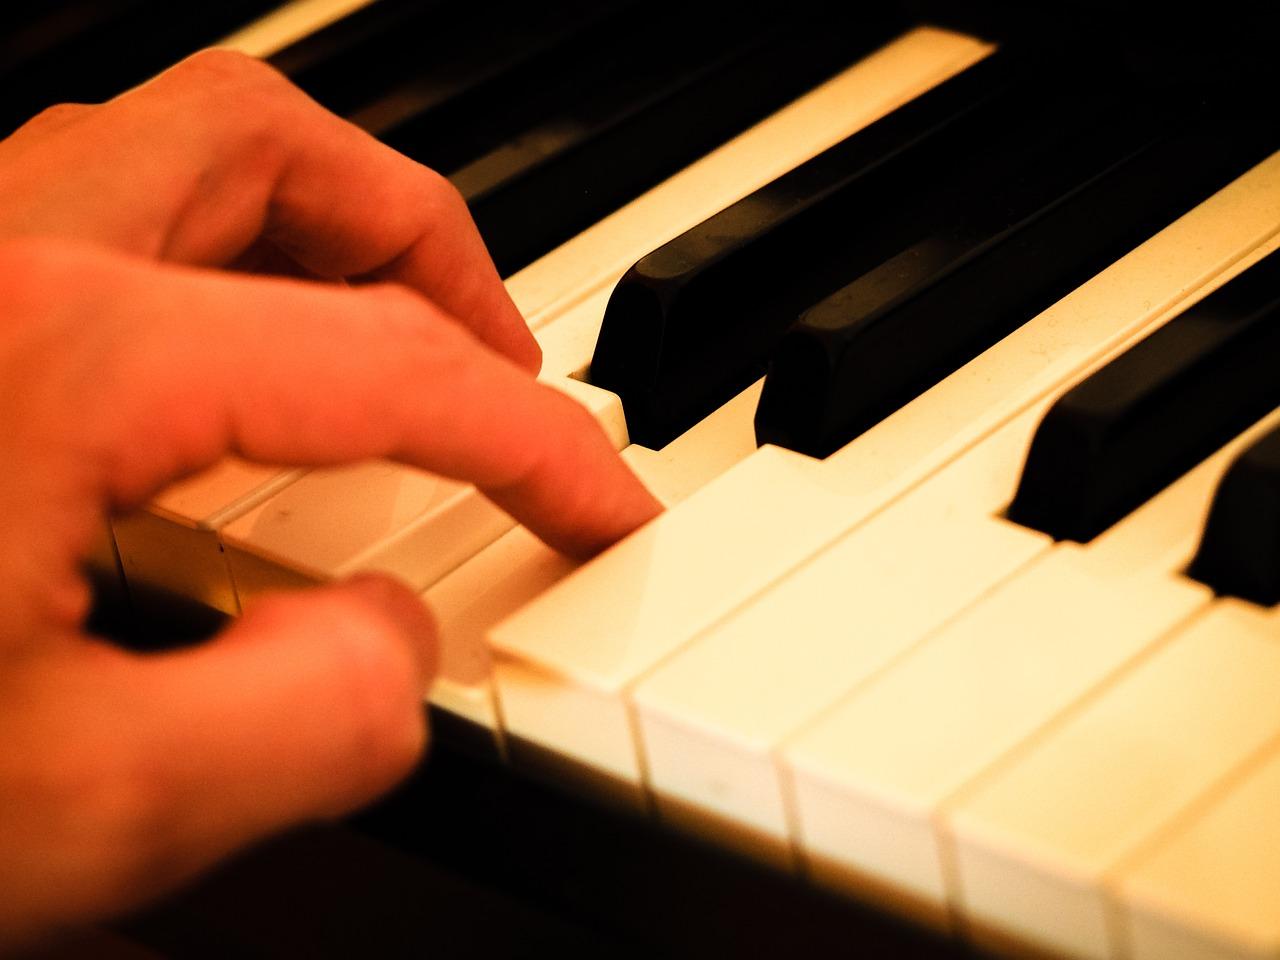 piano-956475_1280.jpg